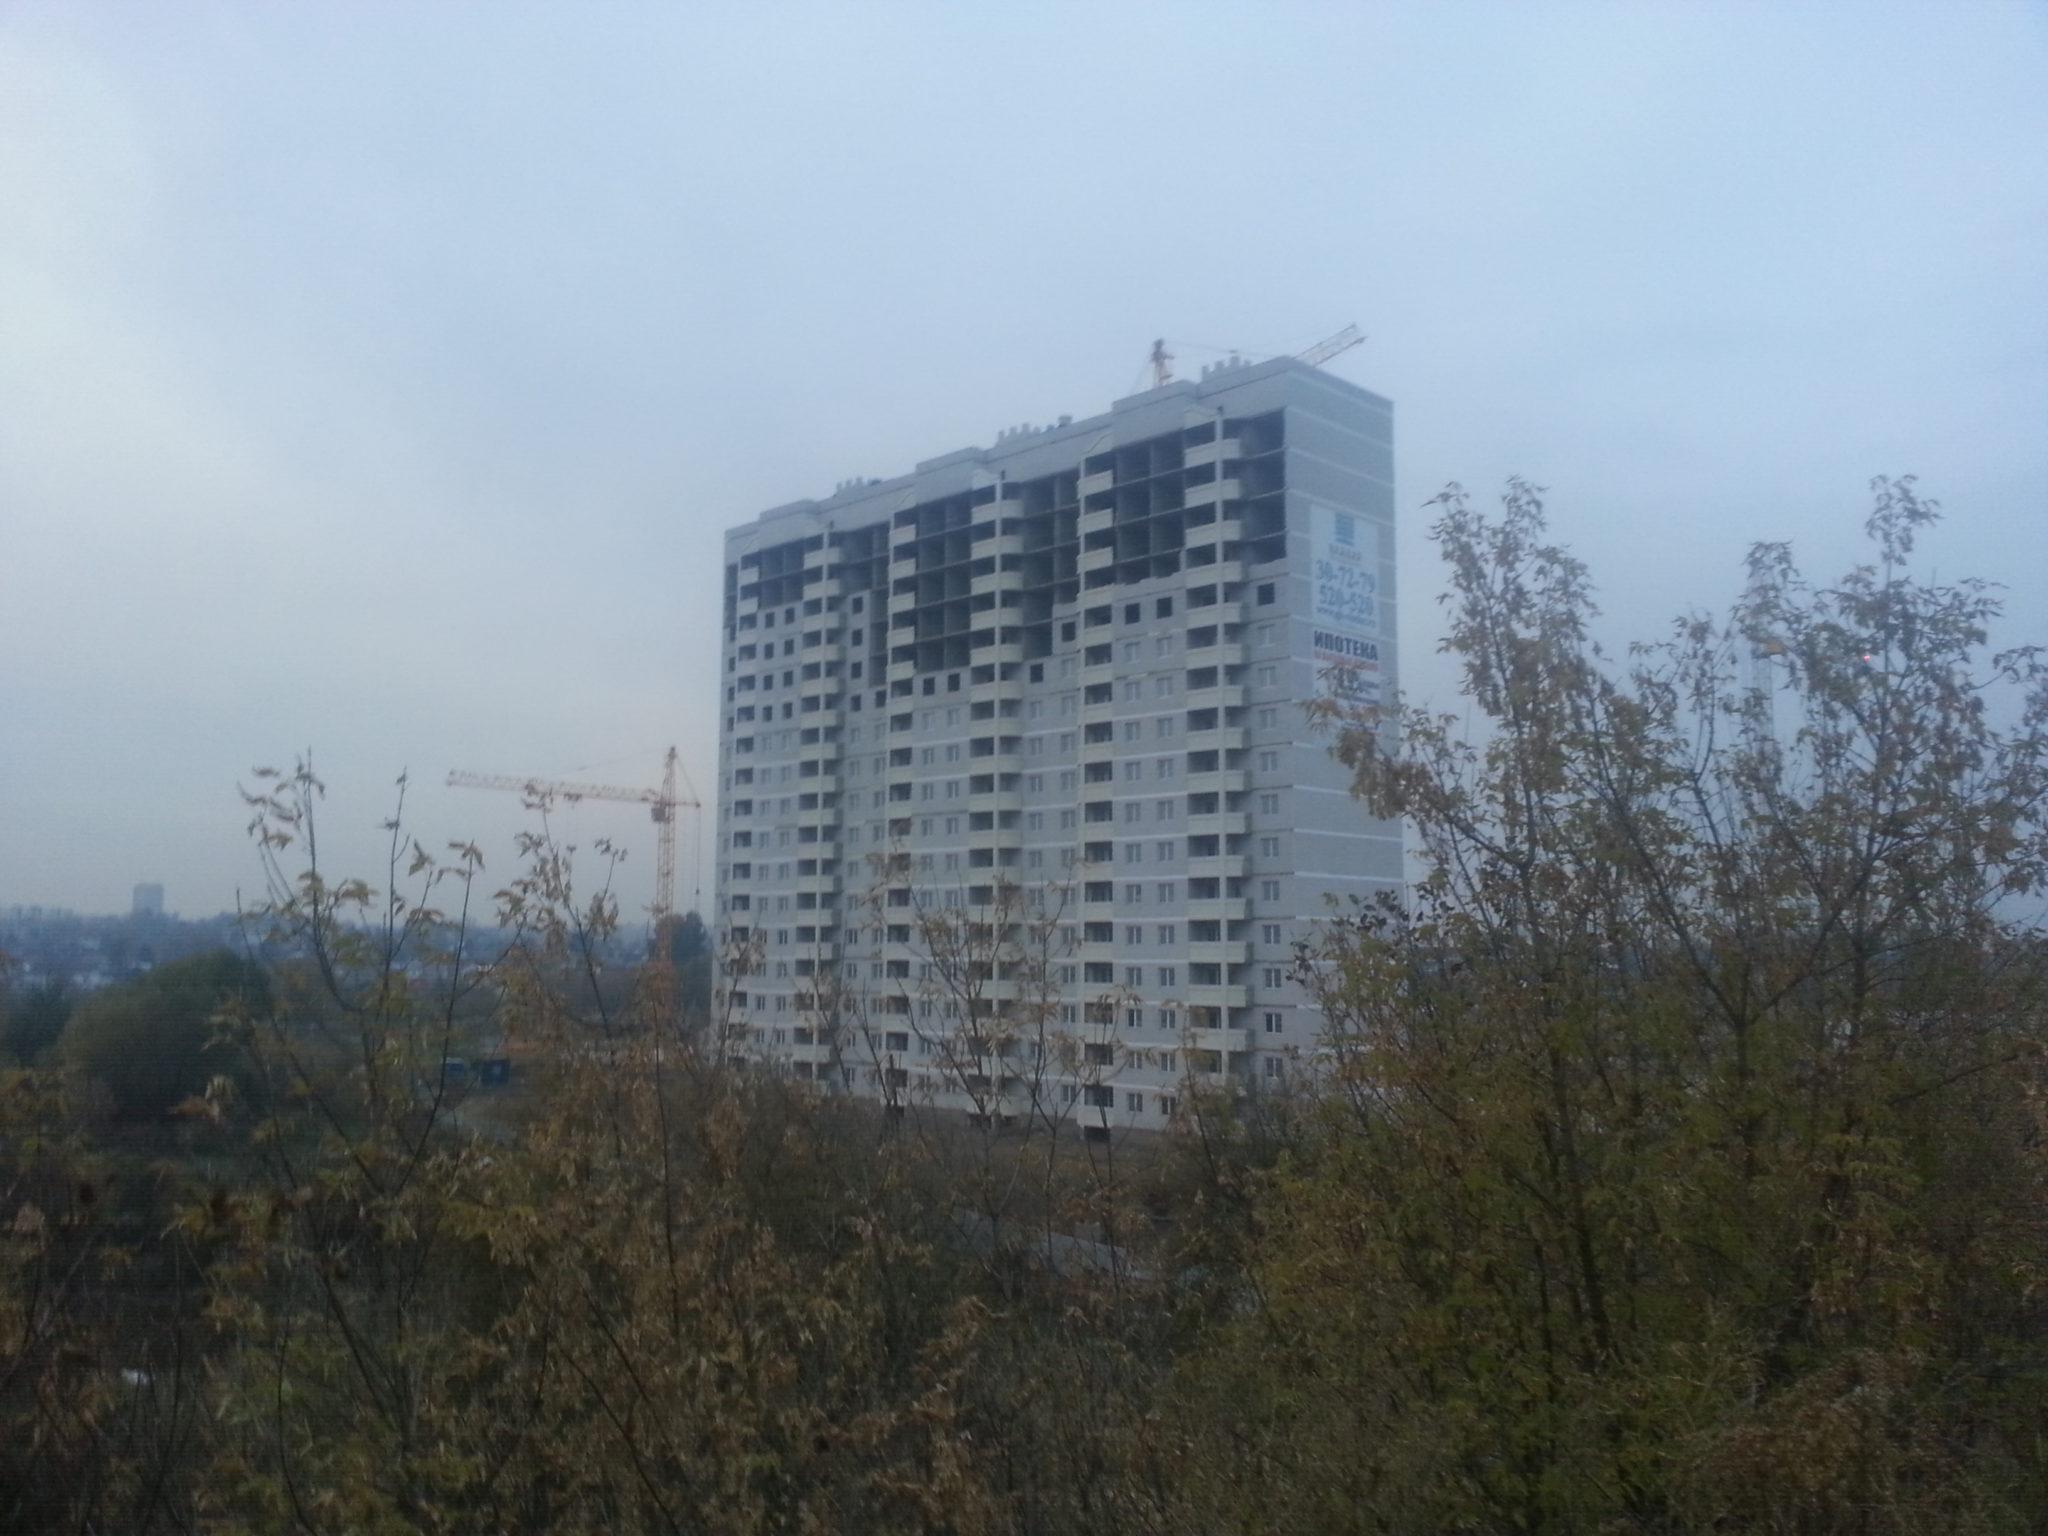 Фото дома номер 3 по улице Павшинский мост г. Тулы. ООО ВЛАДАР, ООО ВАЛЛ